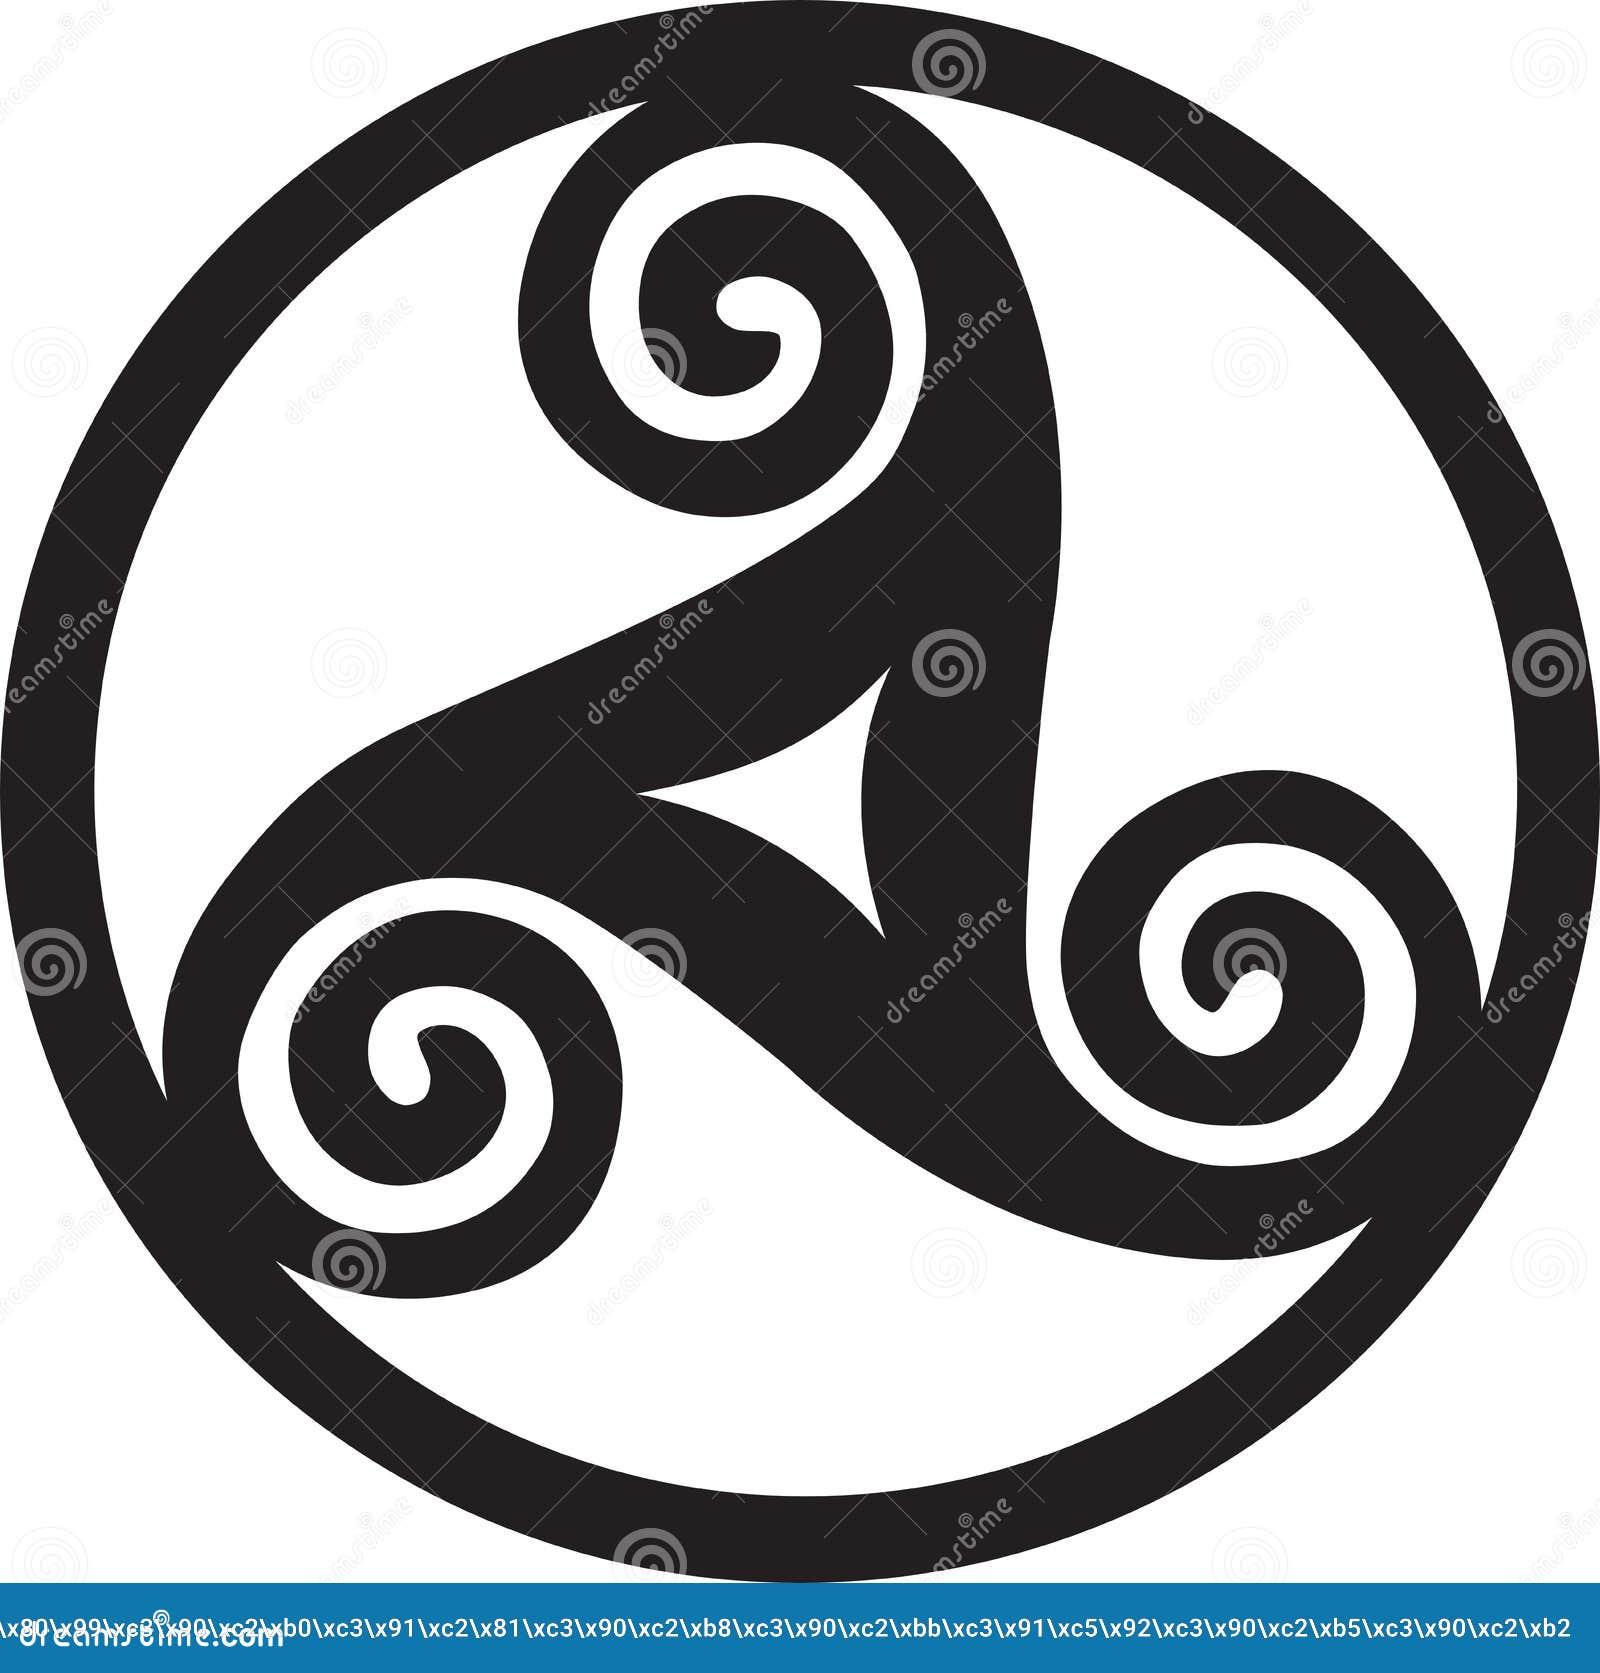 Pagan symbol triskelion stock vector illustration of pagan symbol triskelion buycottarizona Images